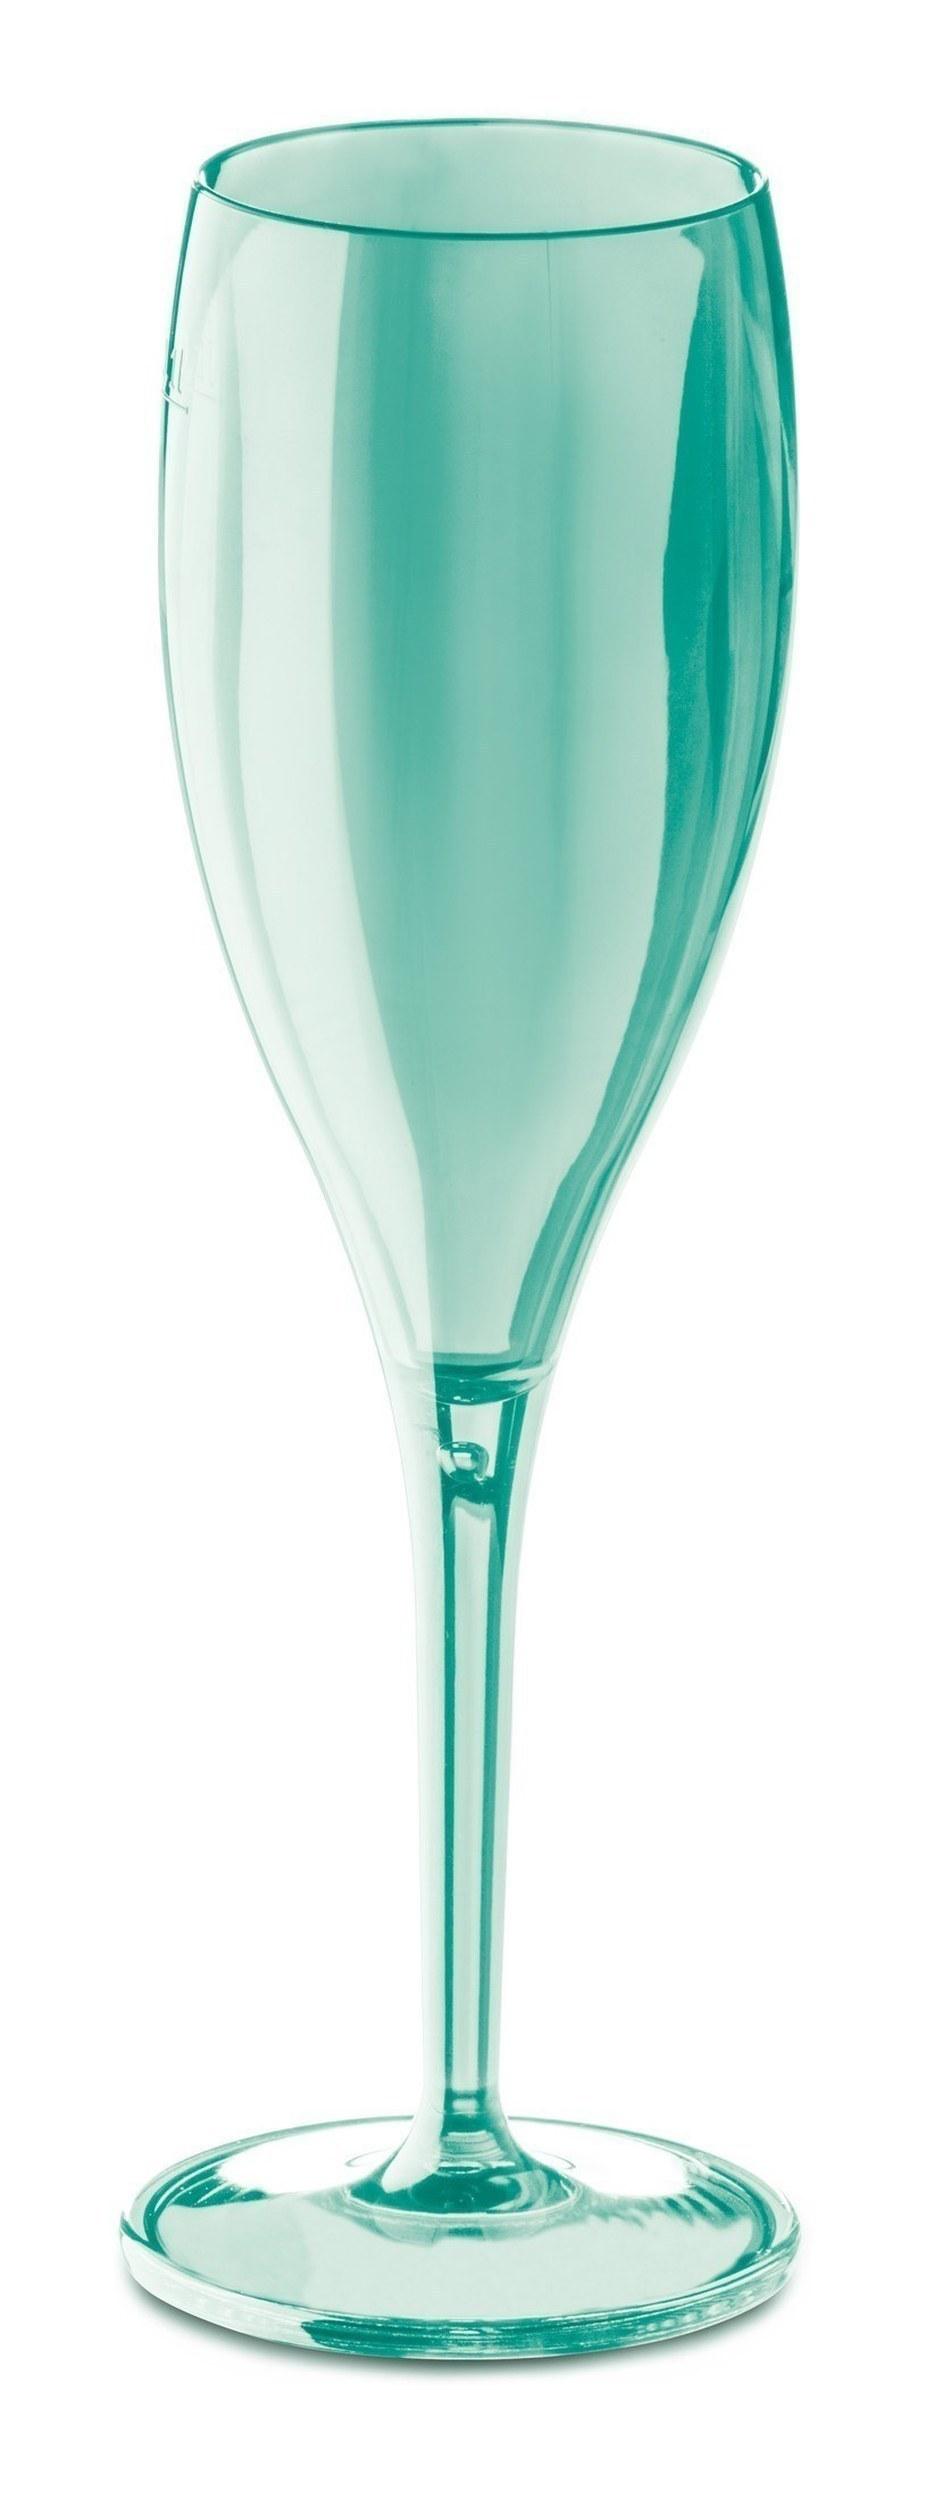 Kieliszki do szampana Cheers 4 szt. jade